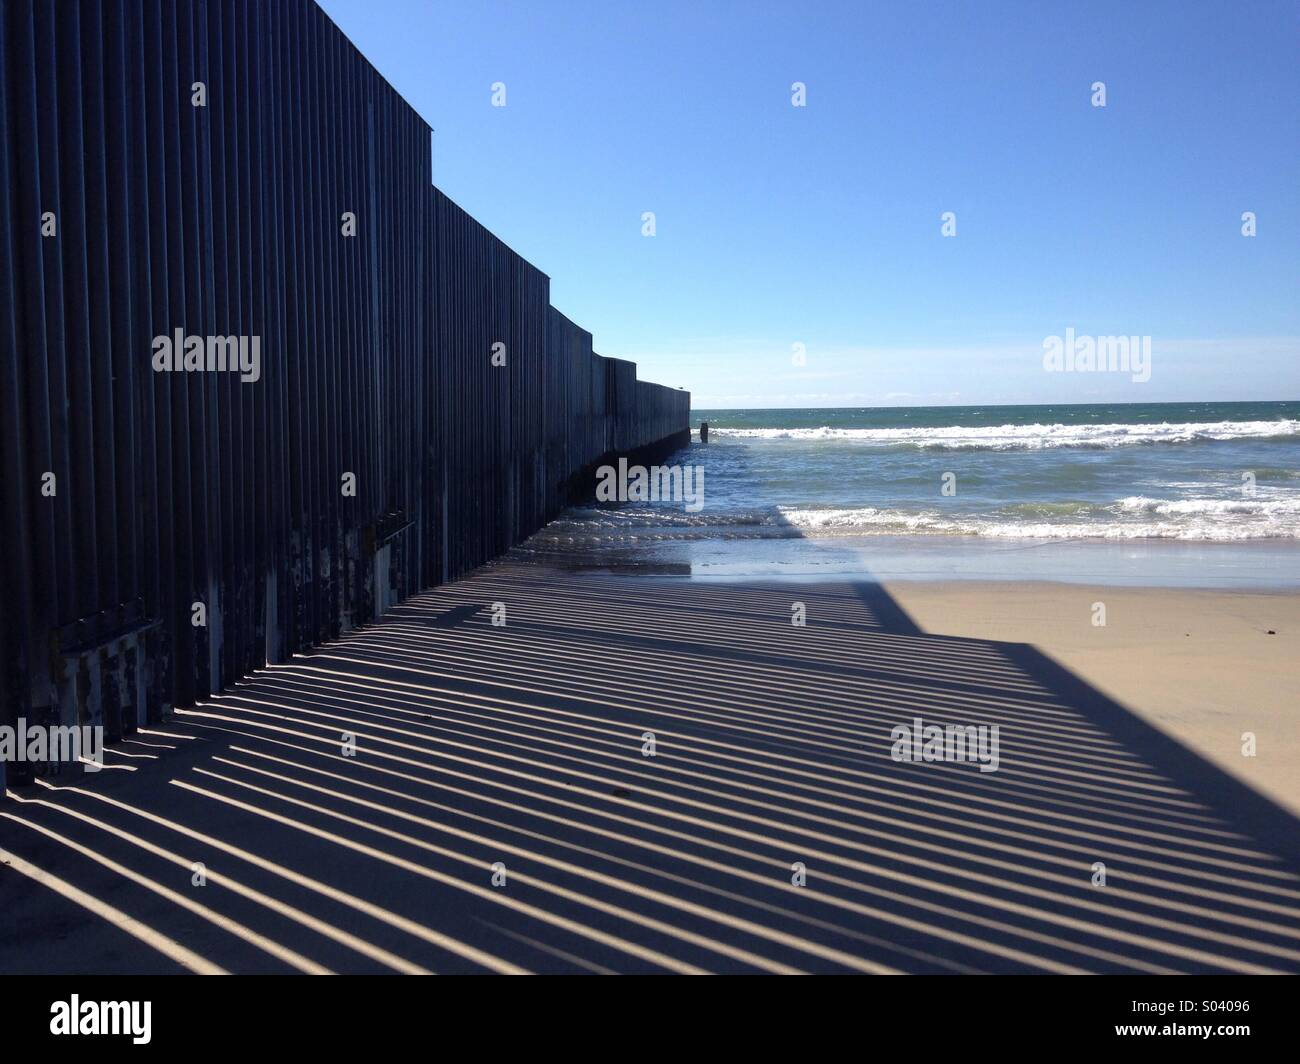 San Diego Mexico border - Stock Image